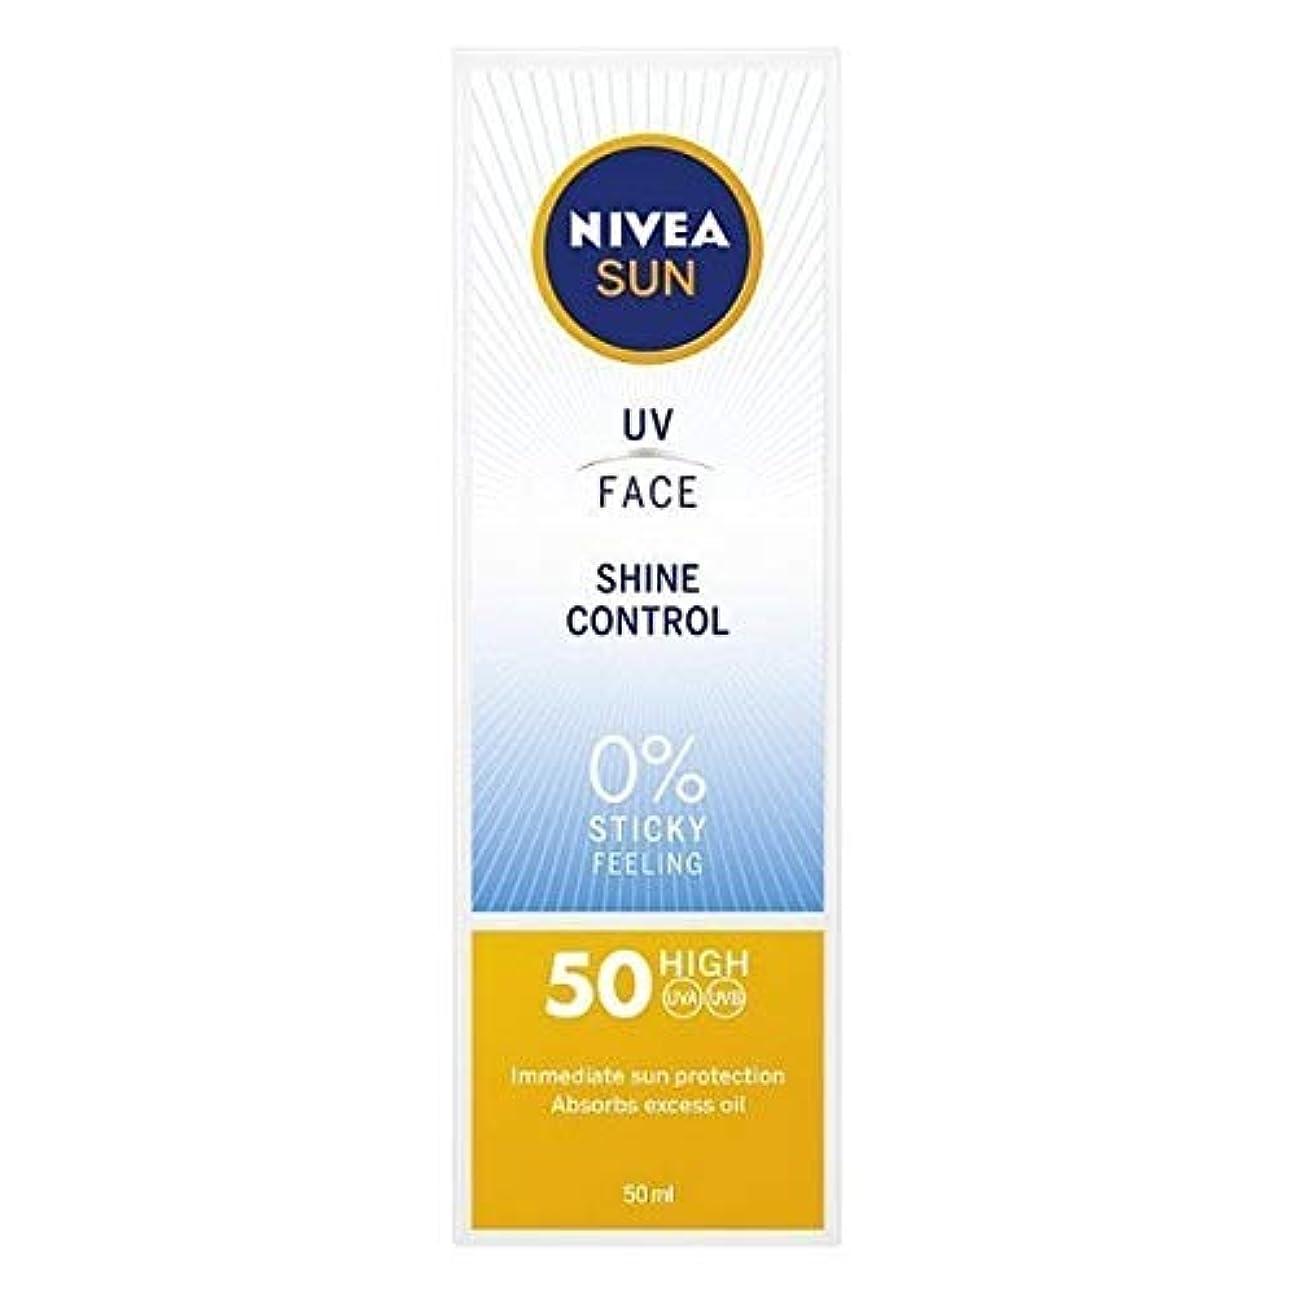 スクリーチ温室理容師[Nivea ] ニベアサンUv顔日焼け止めクリームのSpf 50、輝き制御、50ミリリットル - NIVEA SUN UV Face Suncream SPF 50, Shine Control, 50ml [並行輸入品]